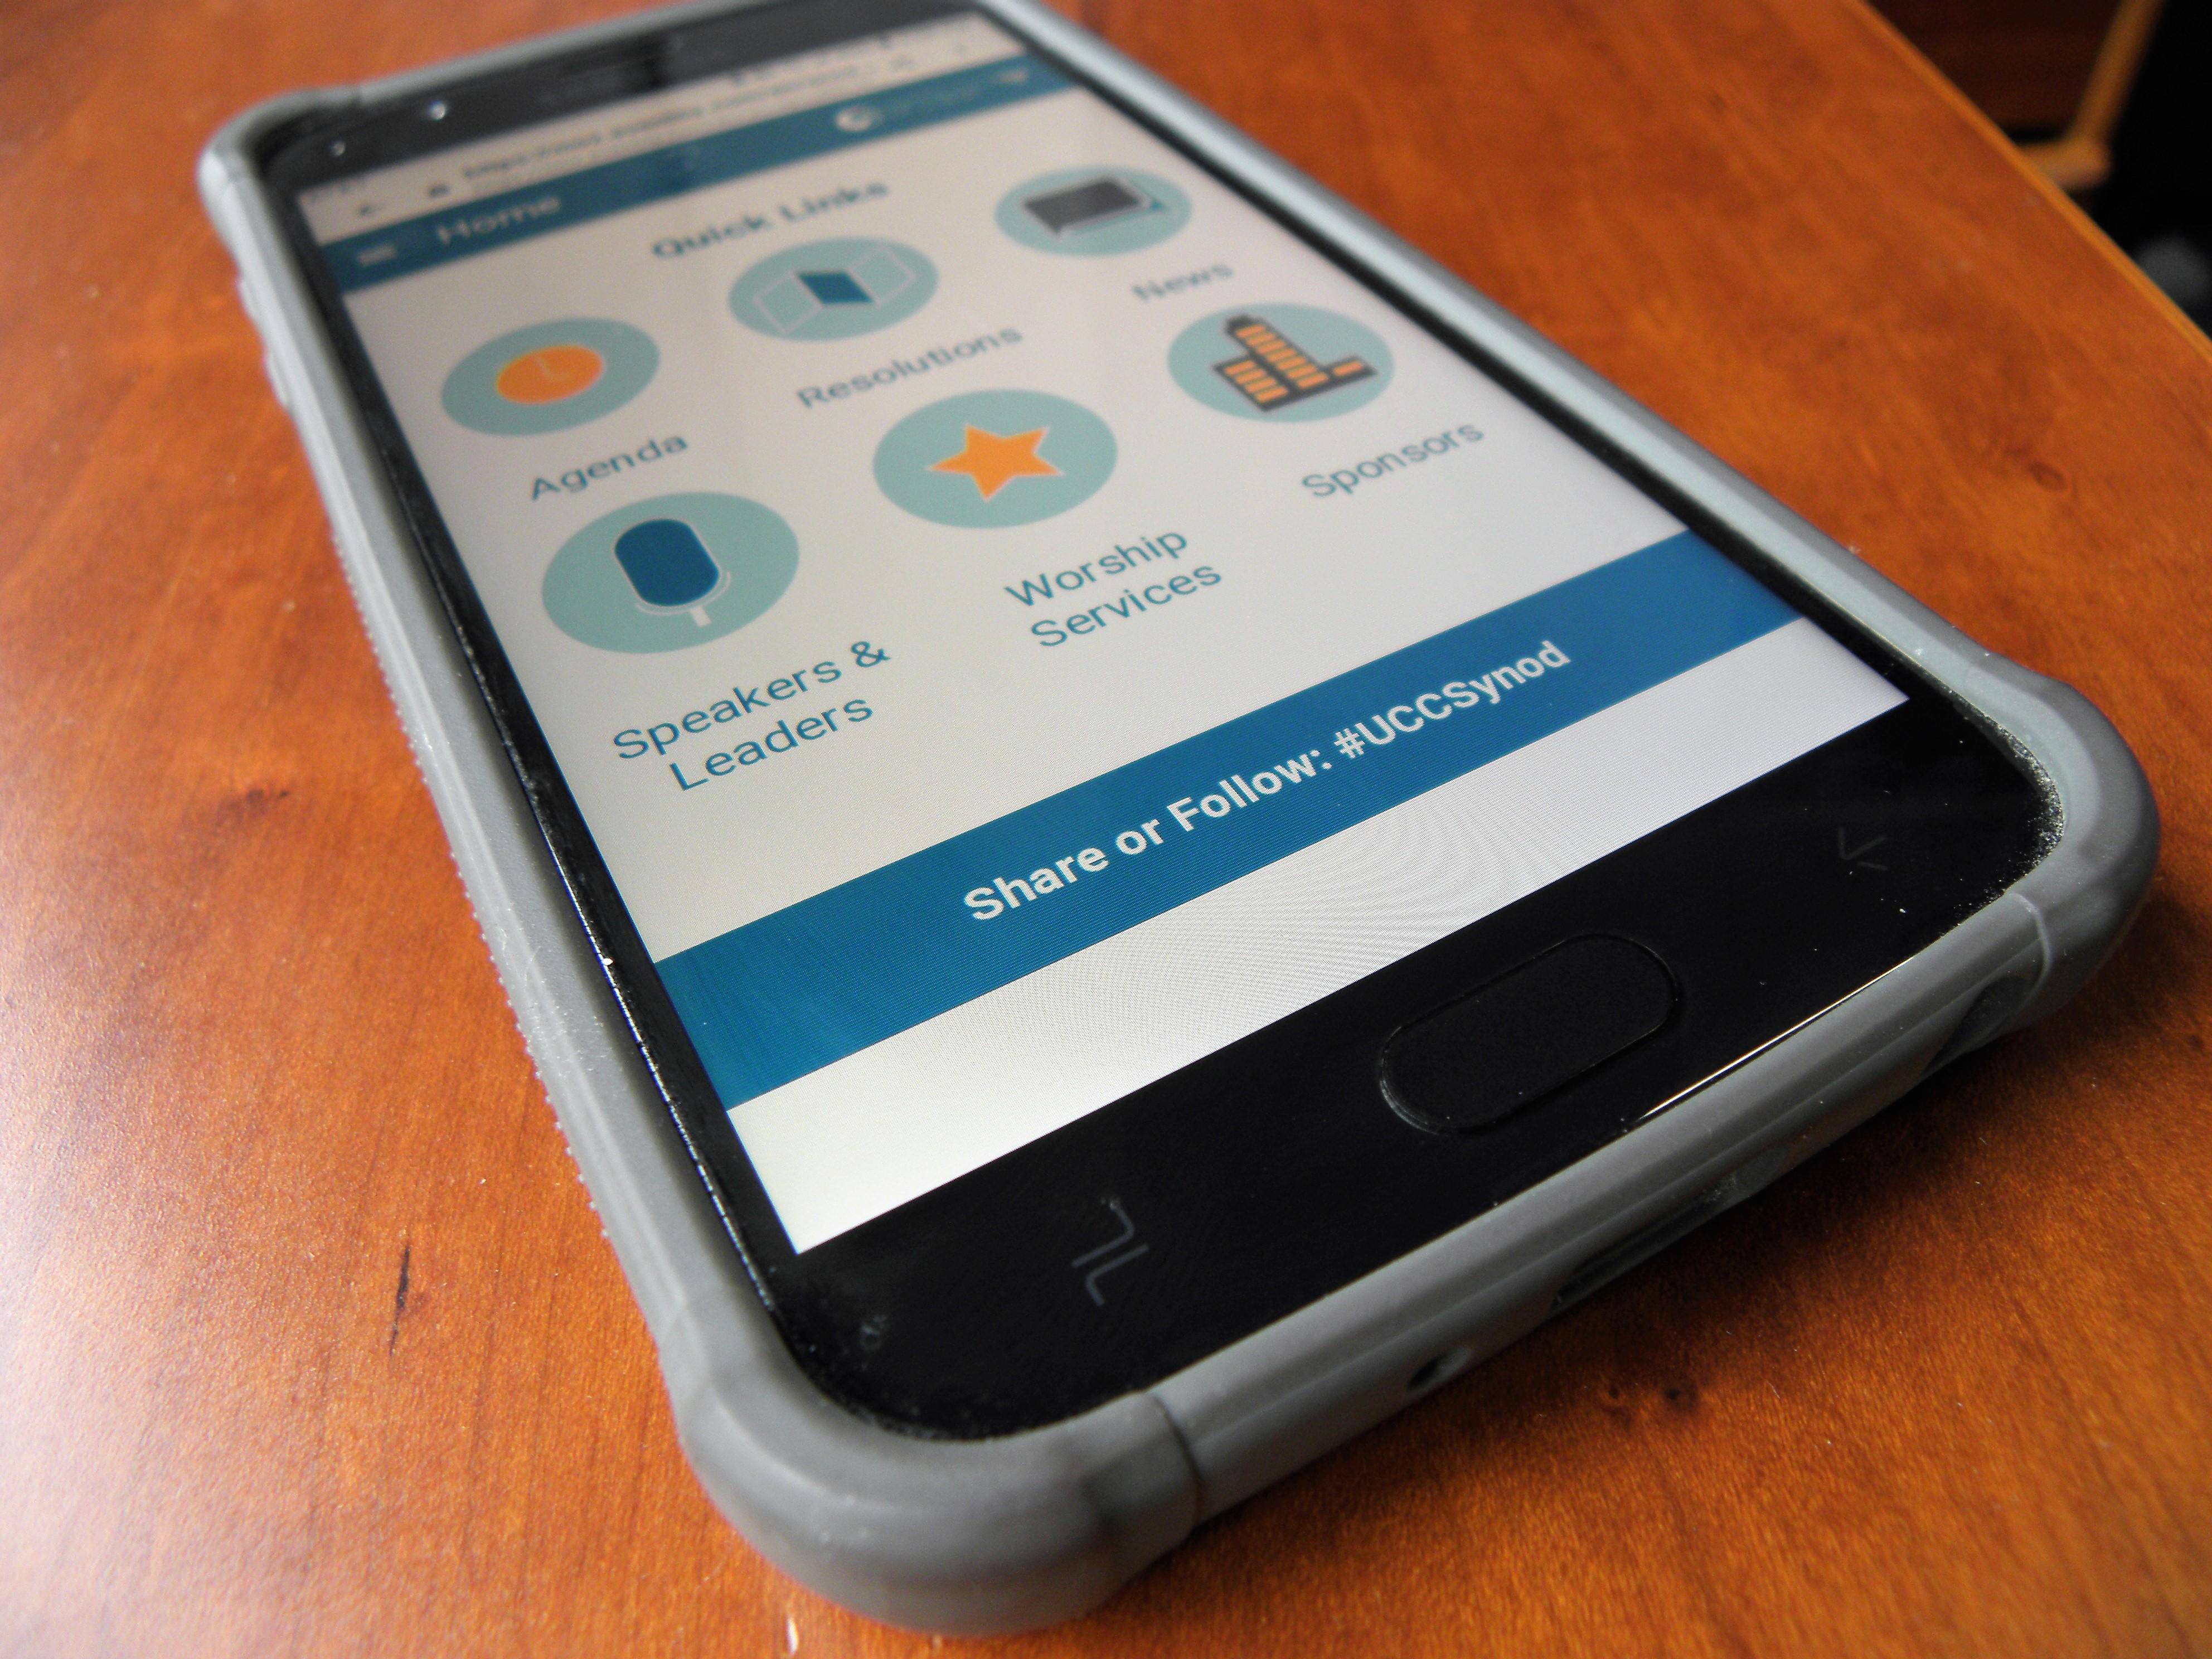 GS app on a phone